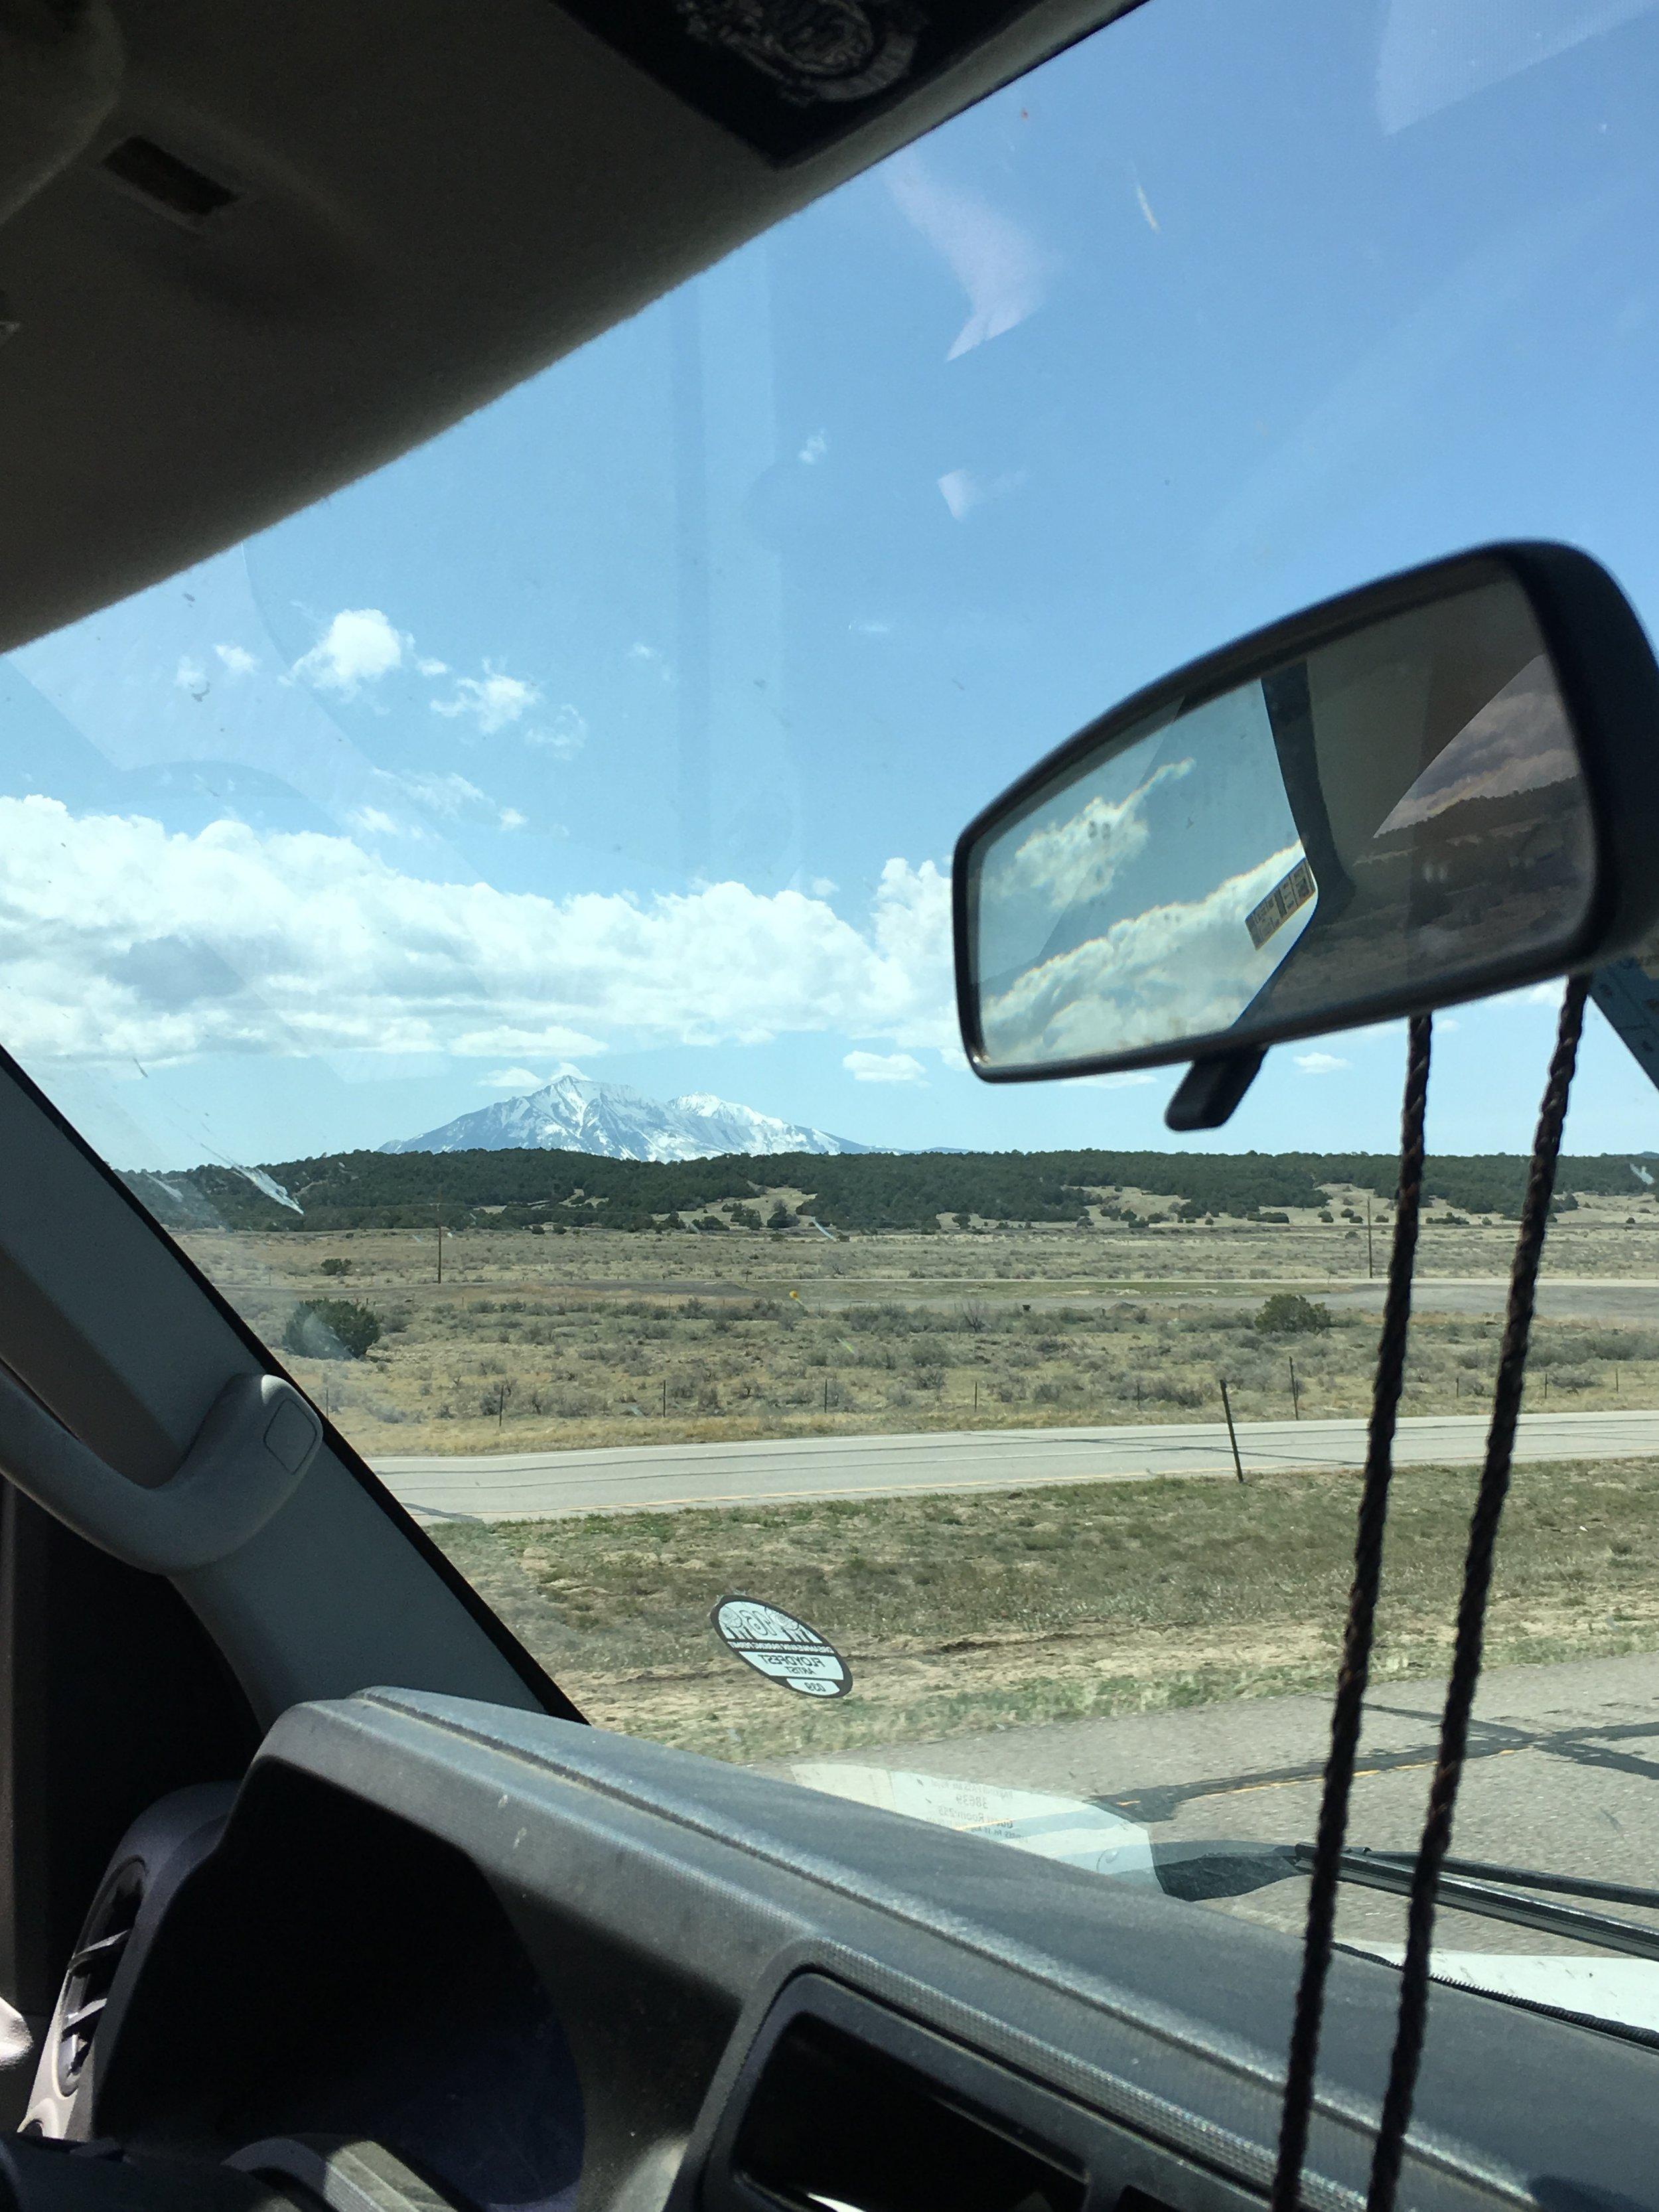 Spanish Peaks from the van (Colorado)